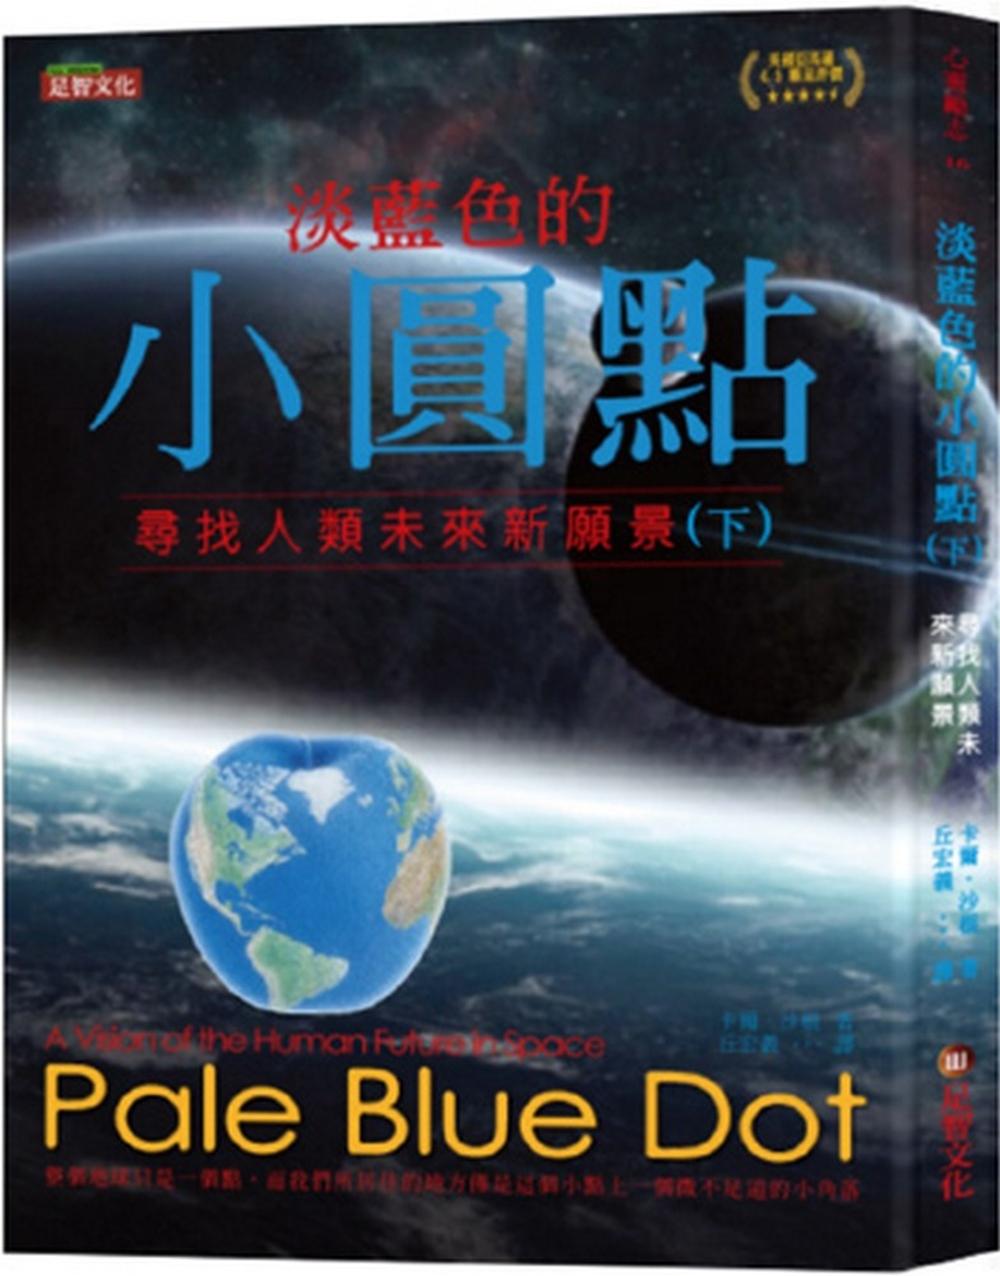 淡藍色的小圓點(下):尋找人類未來新願景